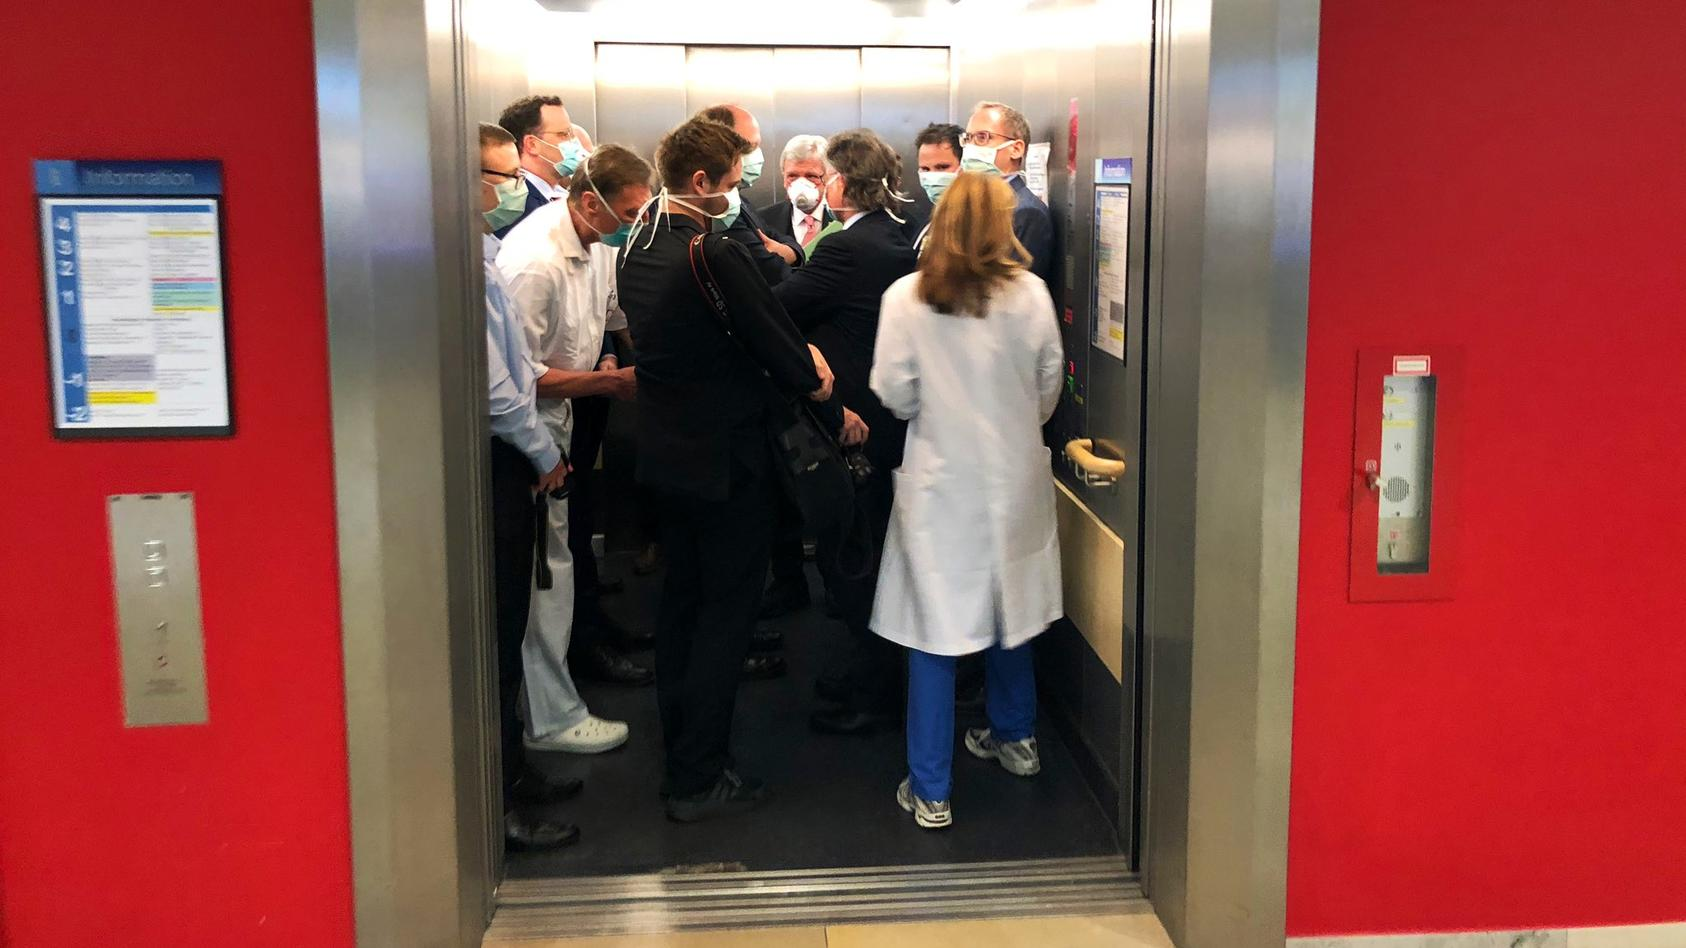 Abstand halten wegen Coronavirus? Bundesgesundheitsminister Jens Spahn und viele Kollegen im Krankenhaus-Aufzug